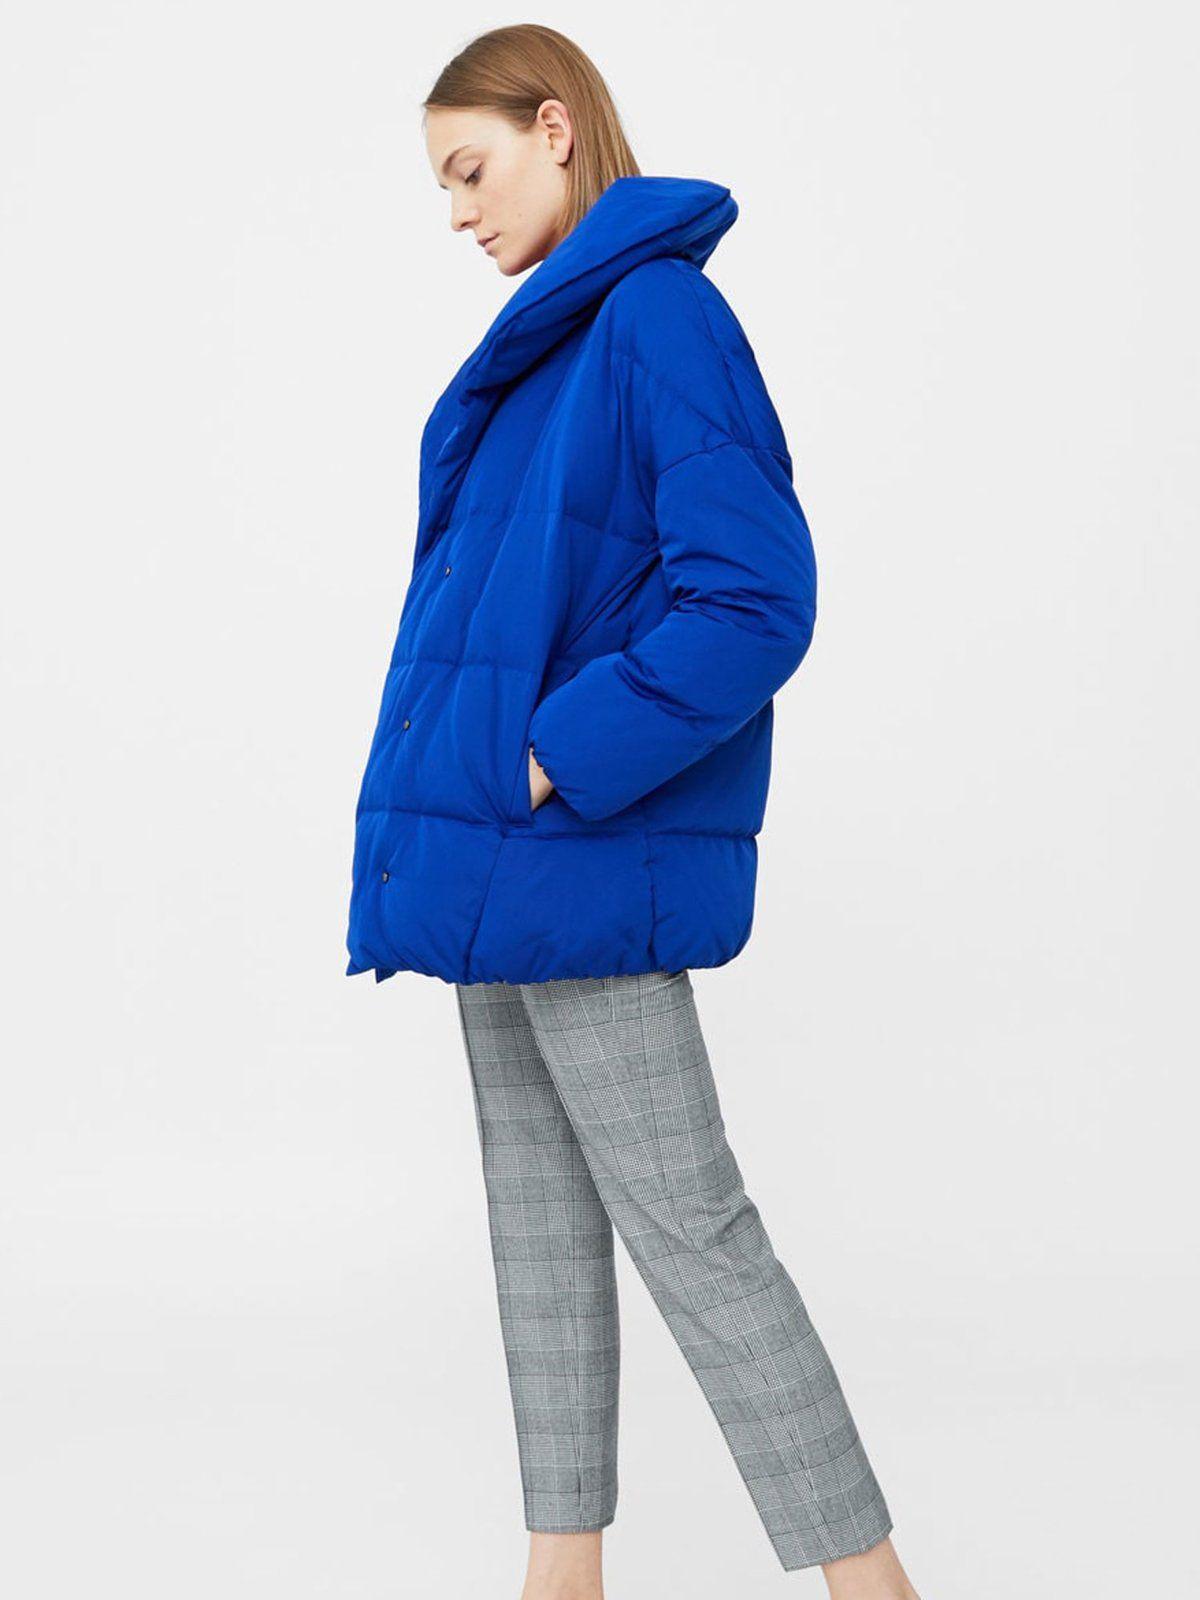 Oversize Daunenjacke von Mango | Jackets, Winter jackets